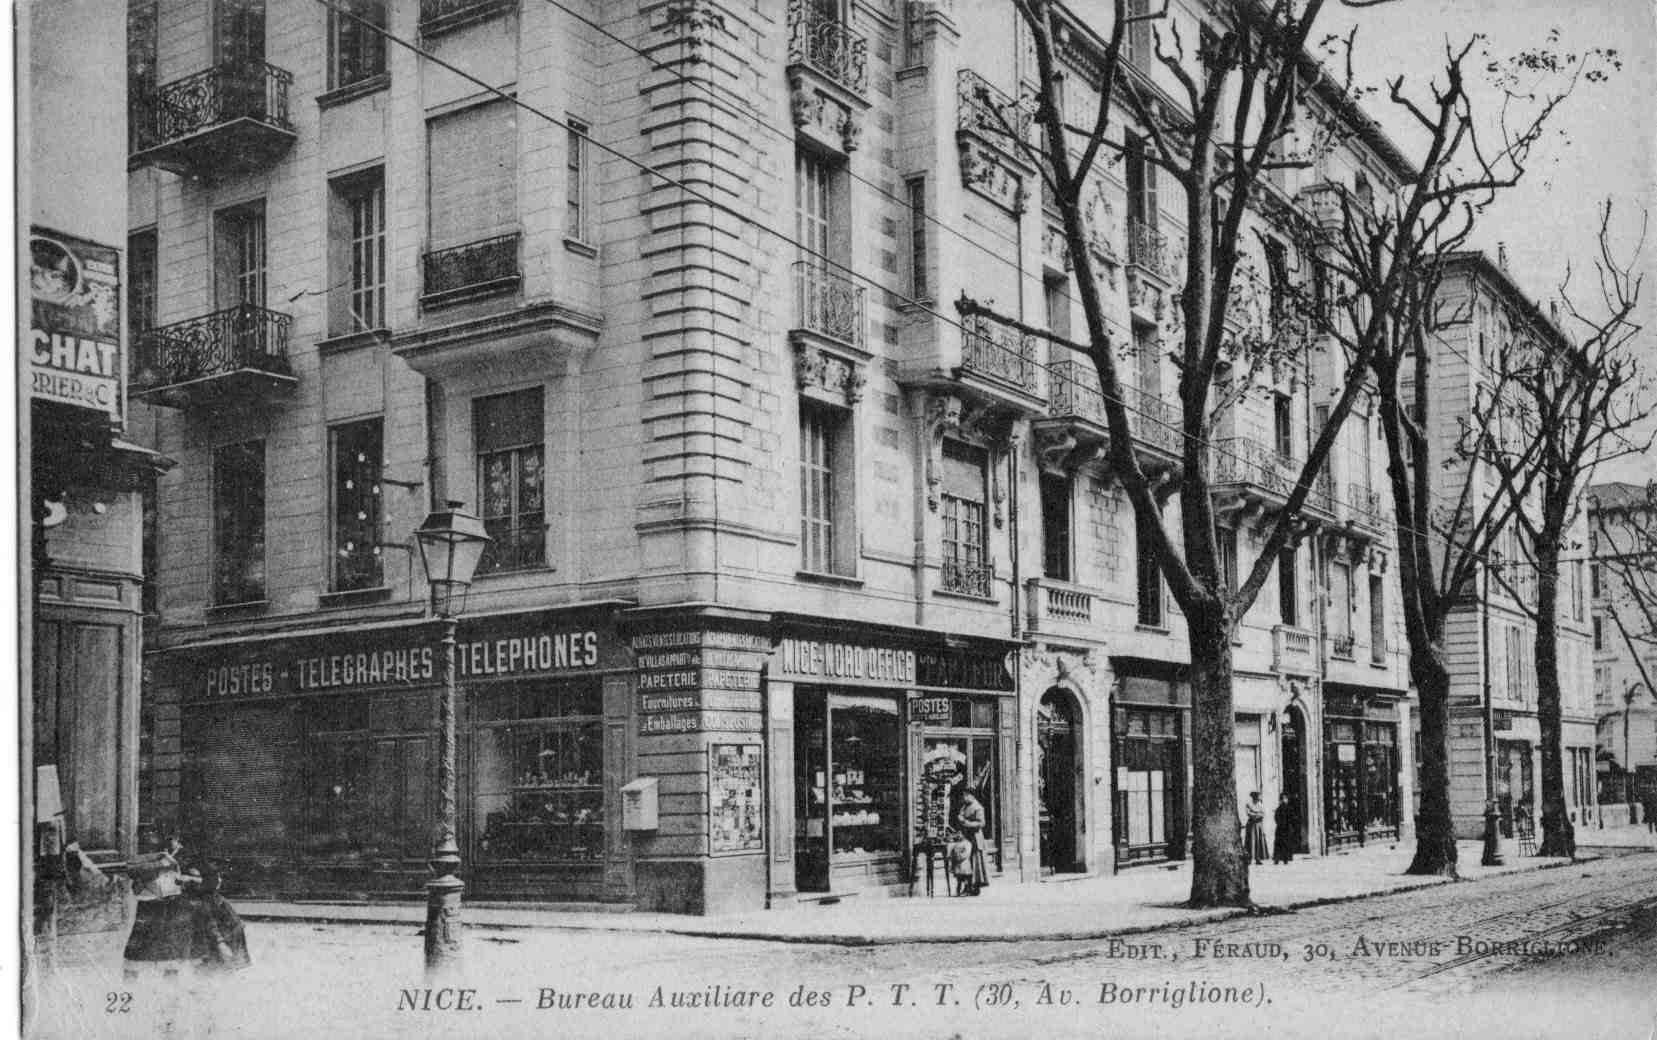 Hedy lamarr leo nemo l 39 ternit roman - La chambre des officiers contexte historique ...